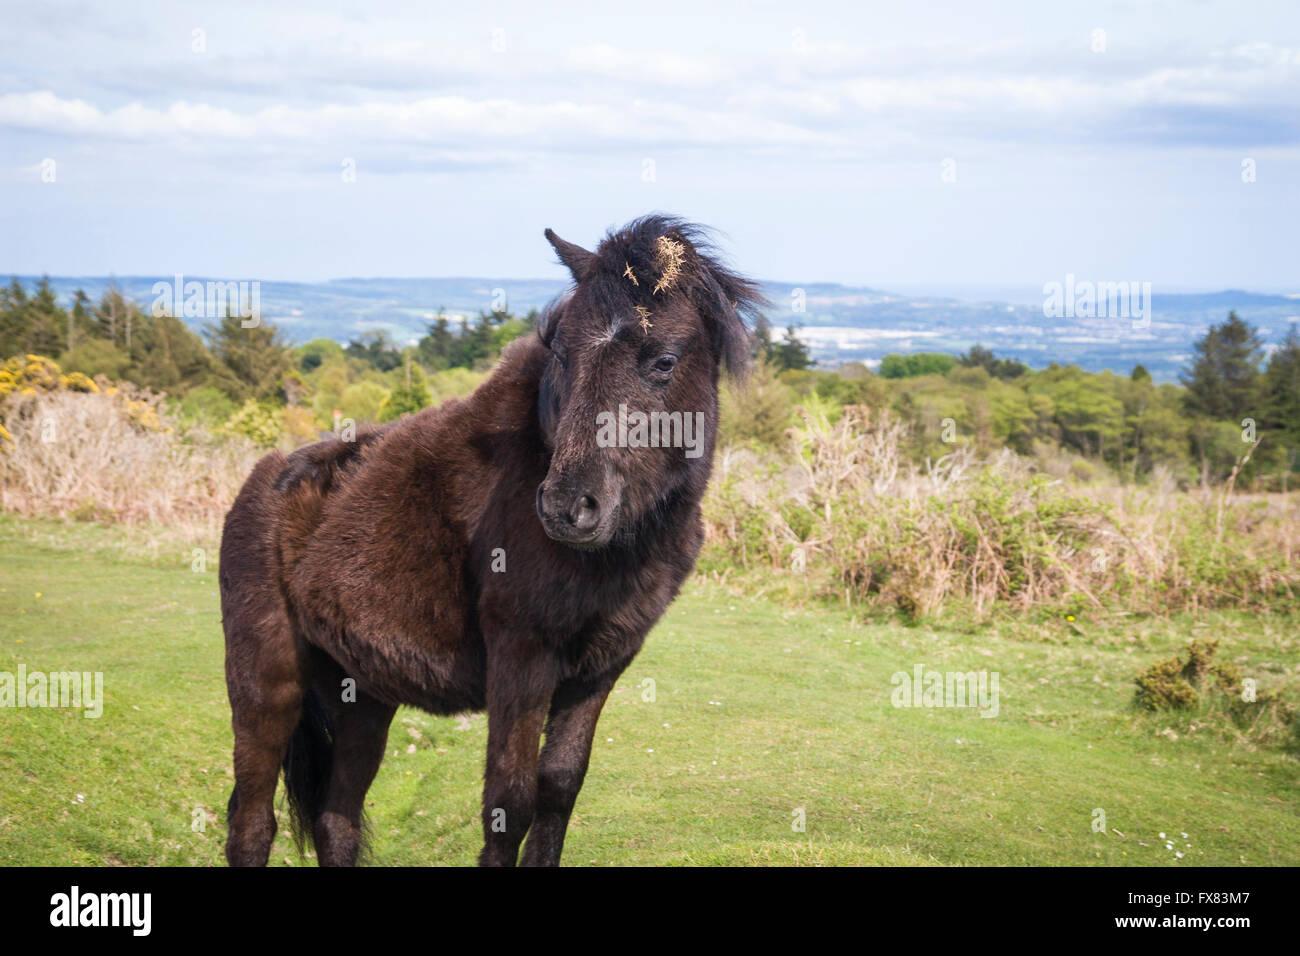 Dartmoor Ponies (Equus ferus caballus) Grazing in the moor - Stock Image